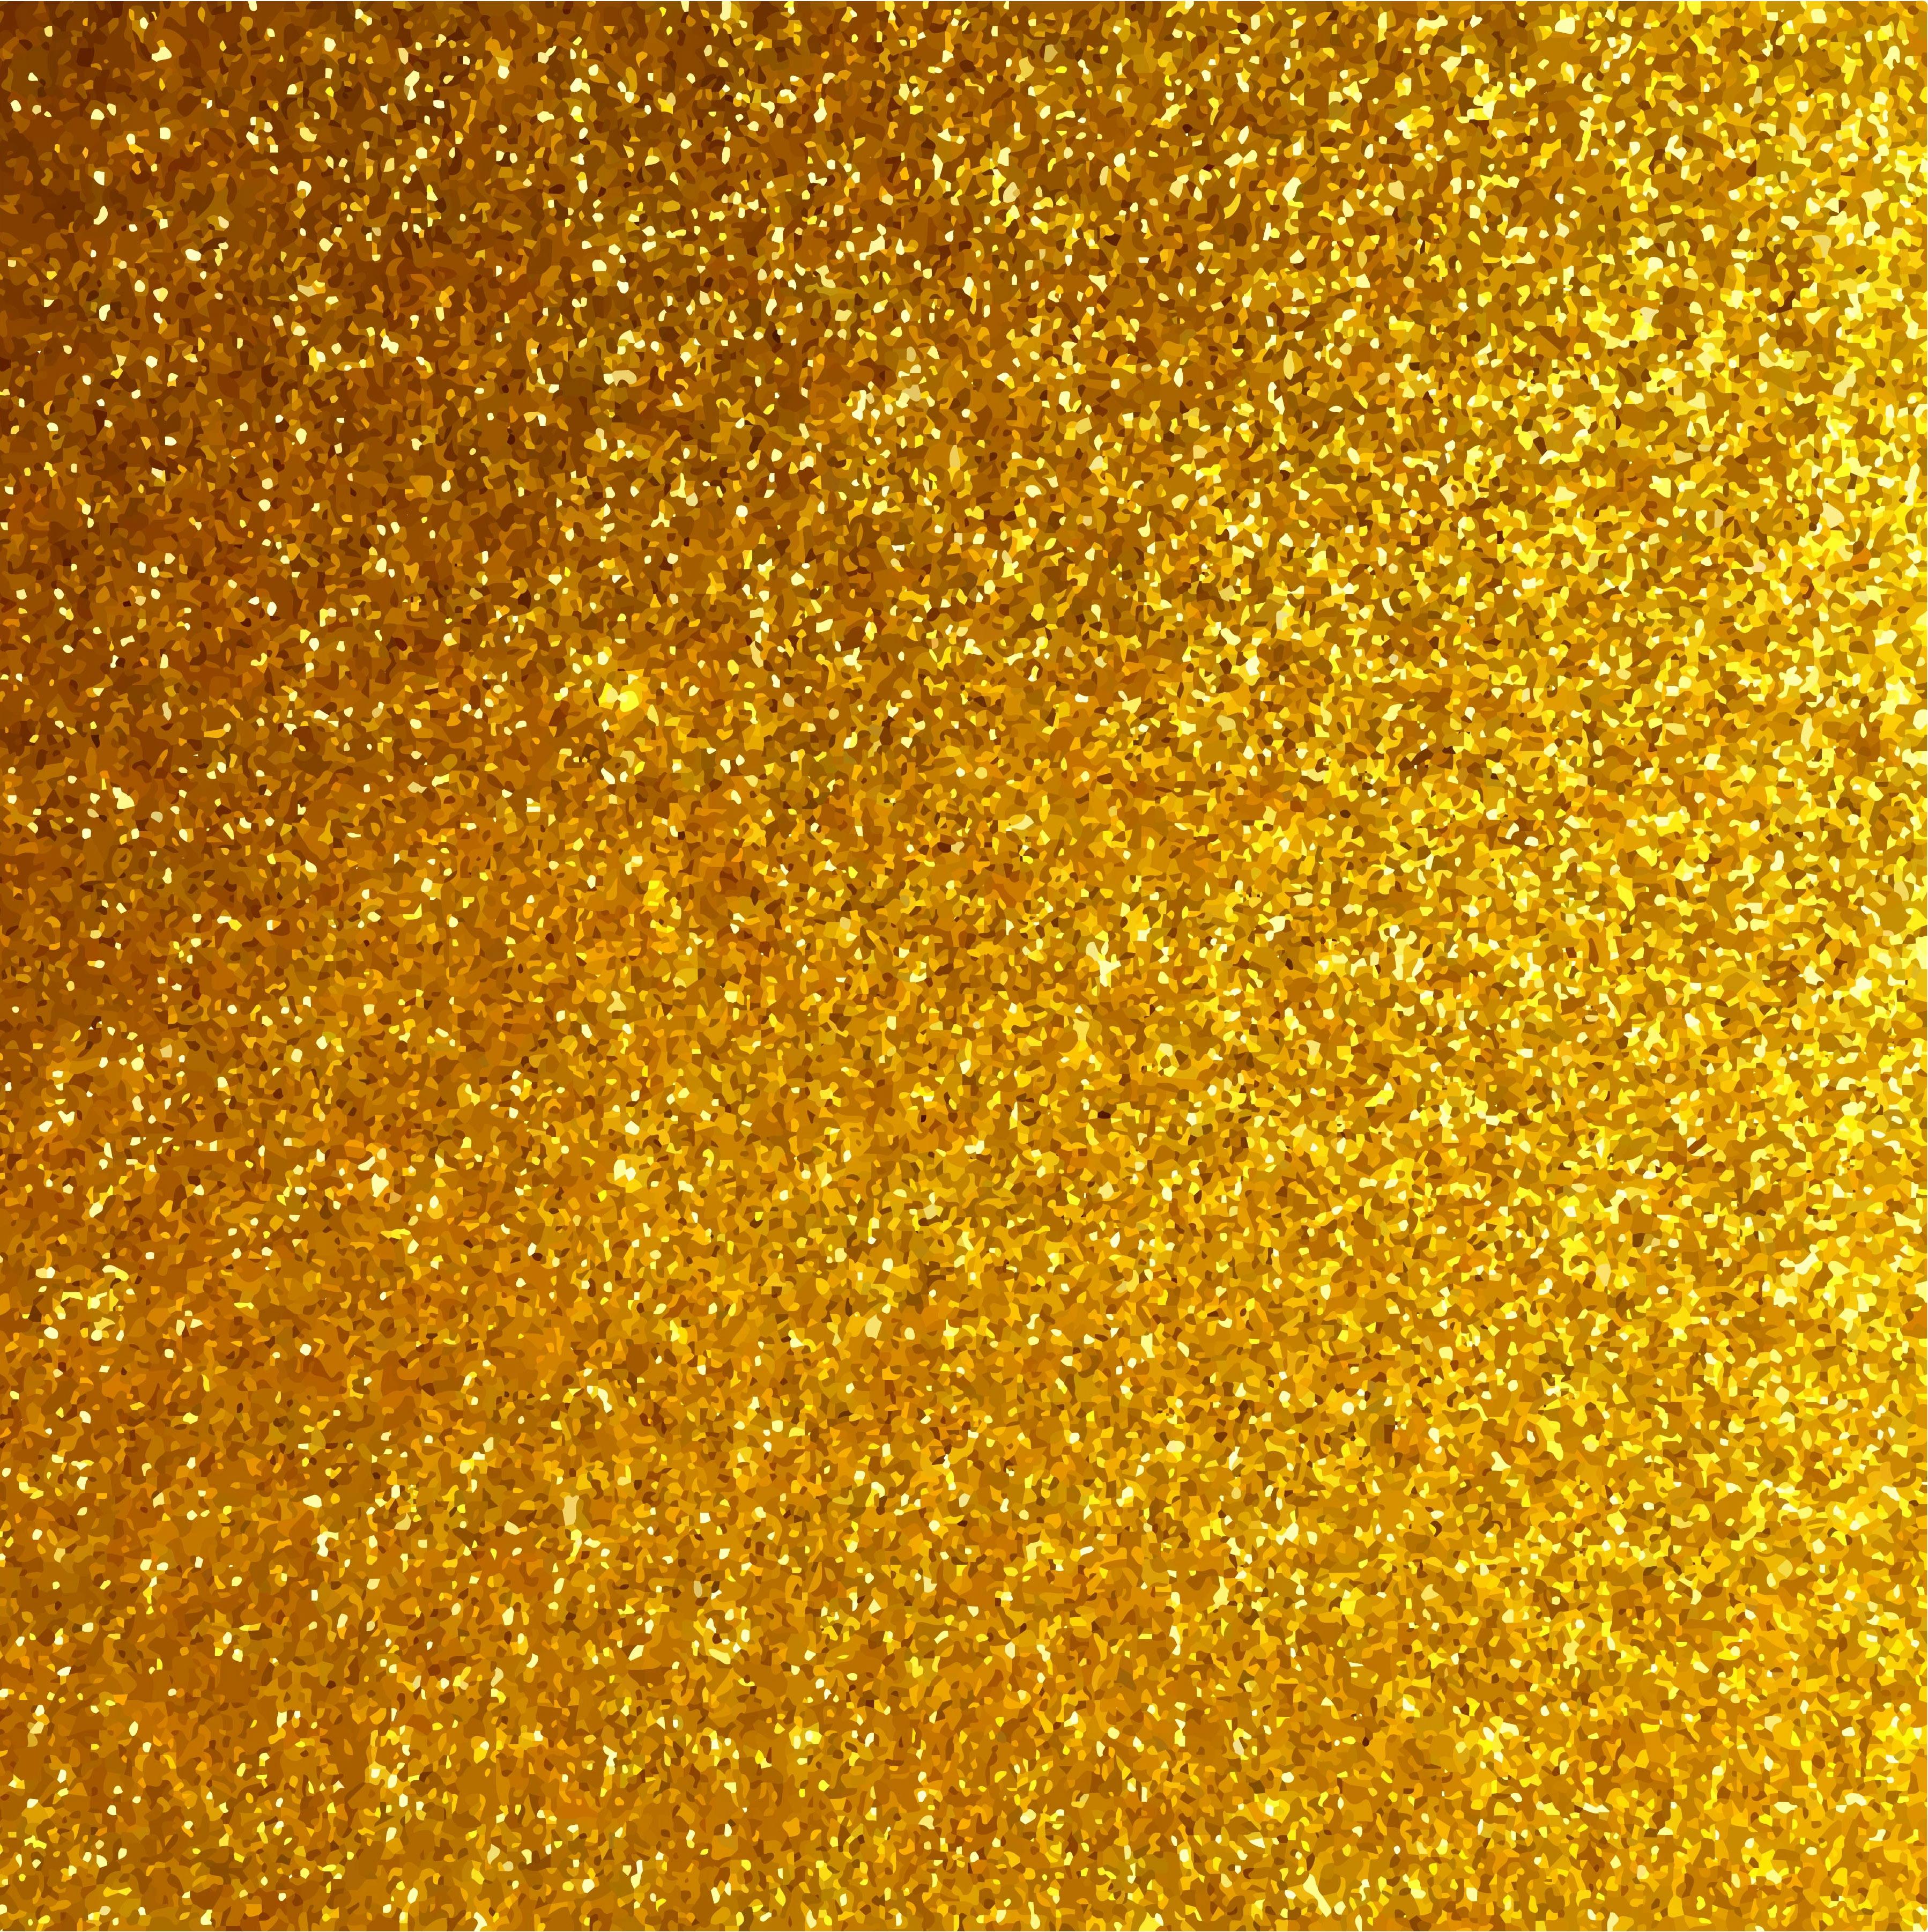 Golden Sparkle Wallpaper Elegant Abstract Golden Glitter.